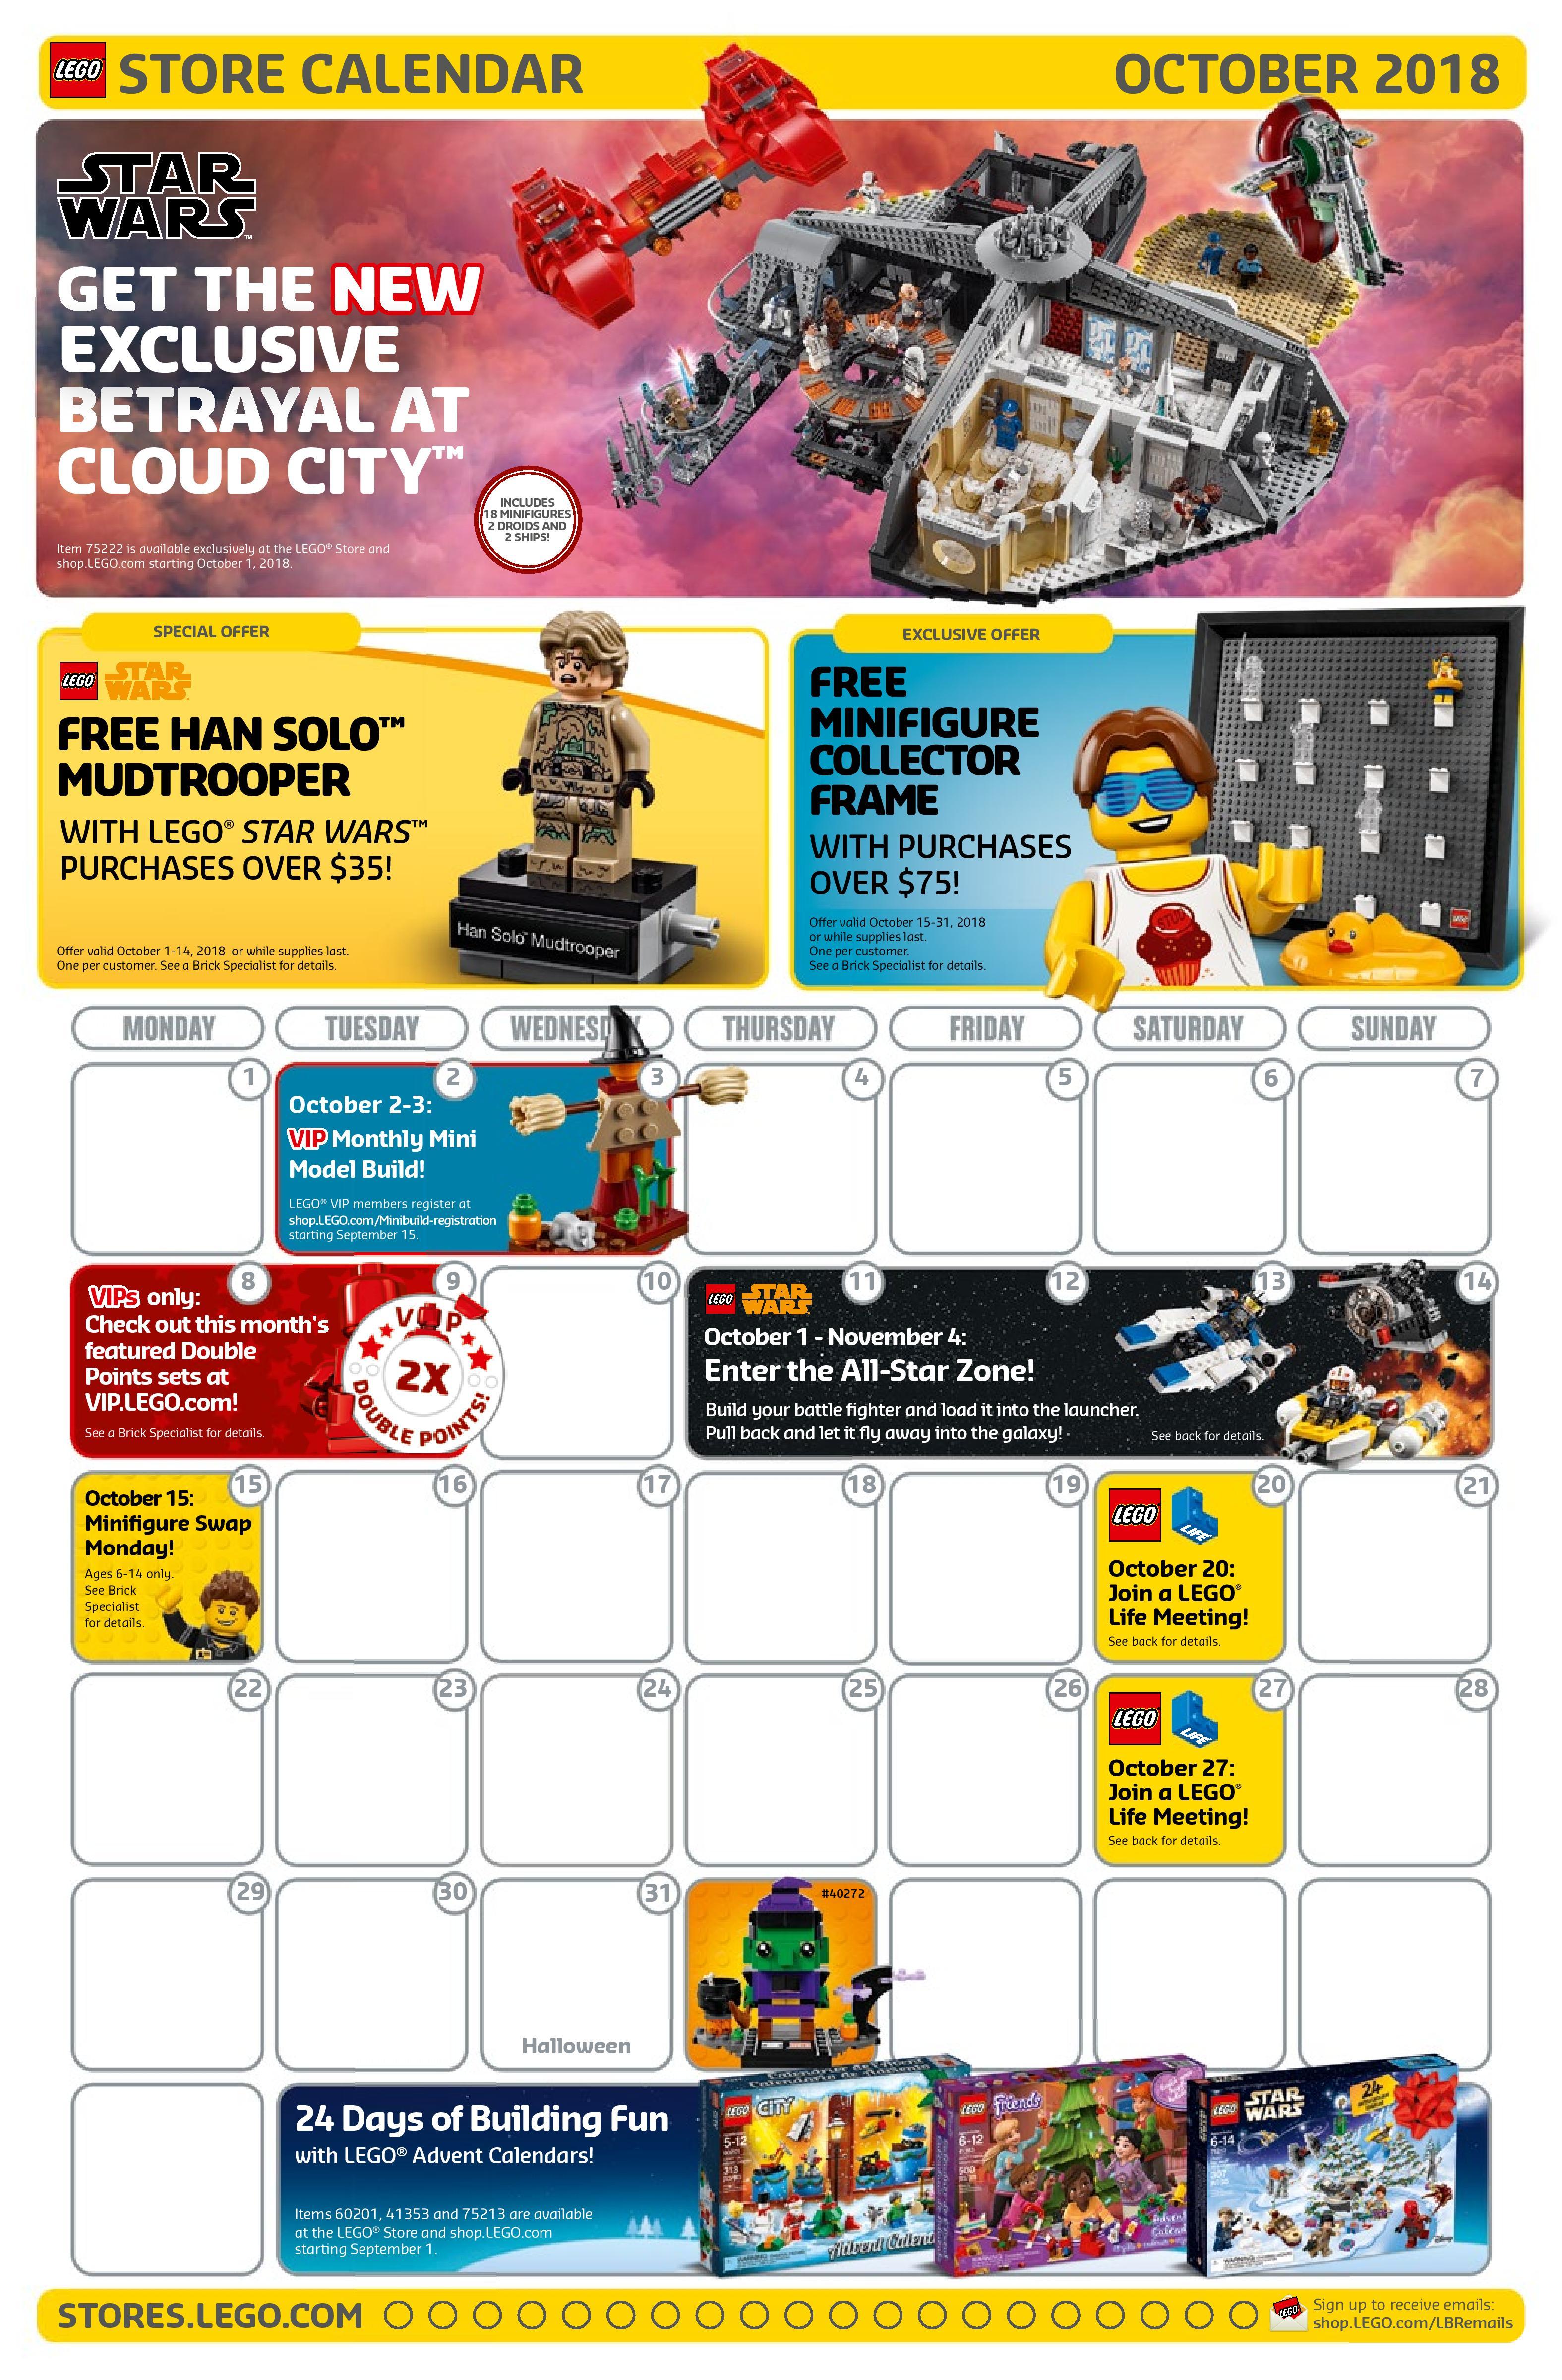 Lego October 2022 Calendar.Rebelscum Com Lego October Store Calendar Revealed